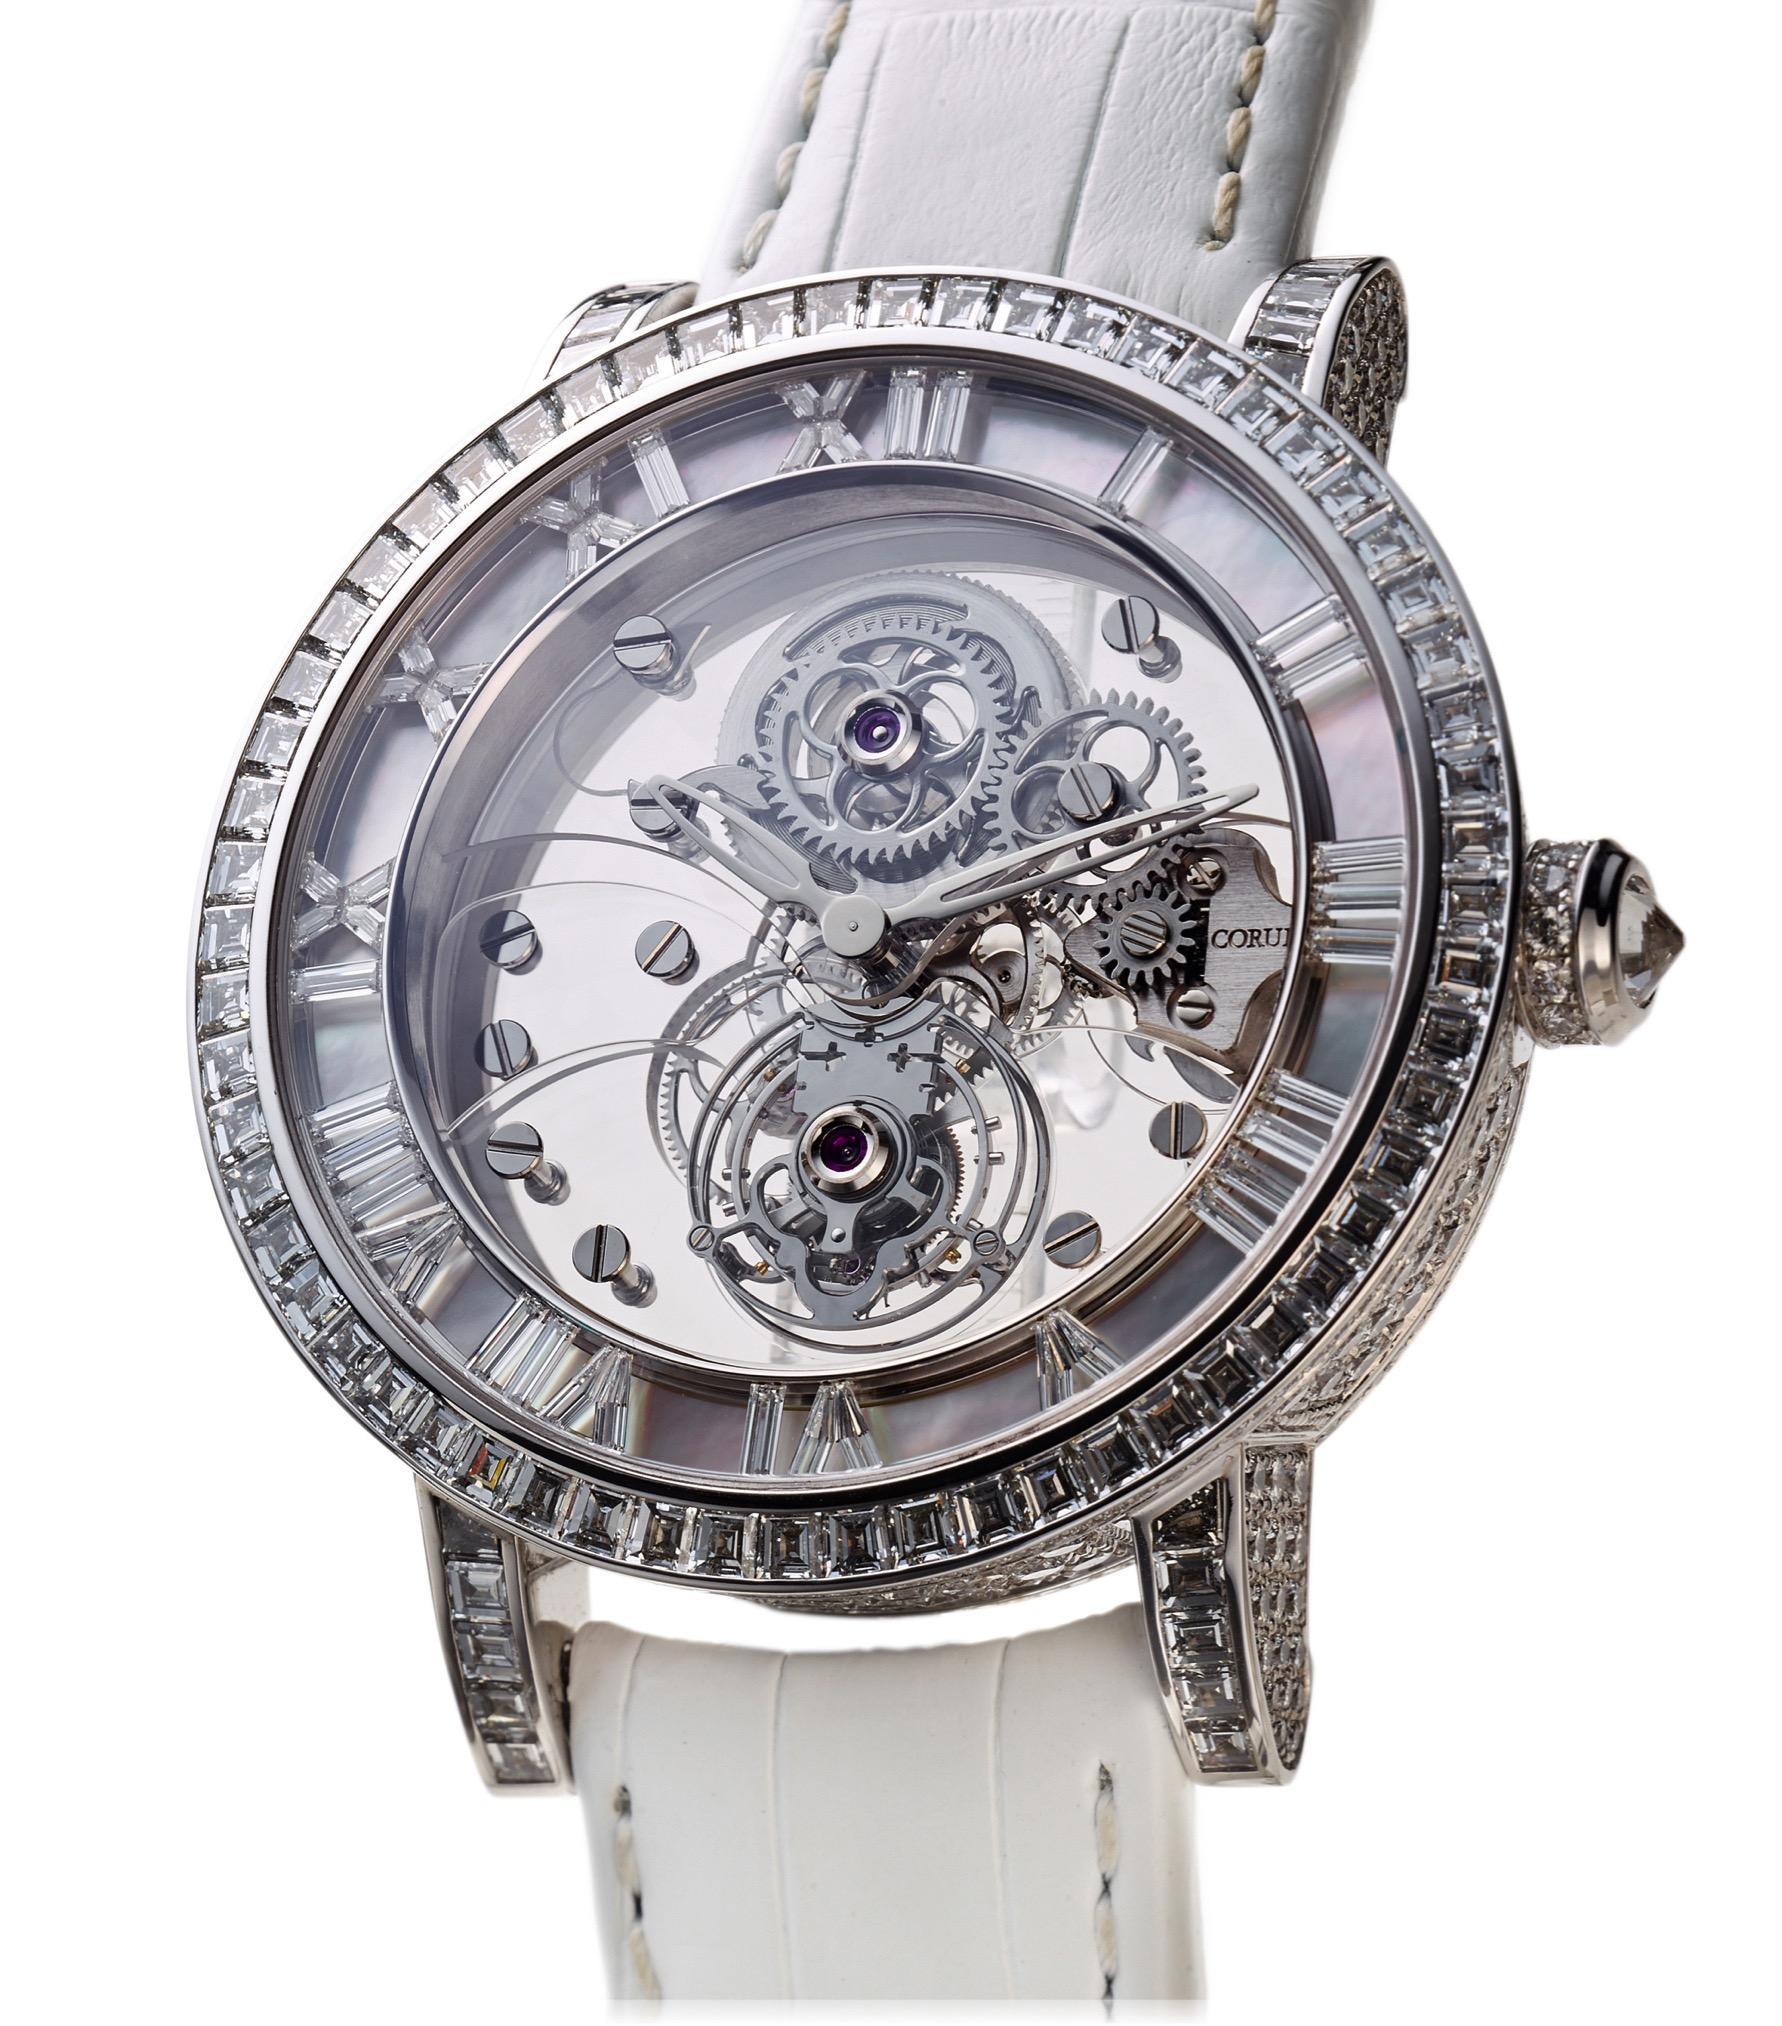 Наручные часы Appella Аппелла купить в интернет